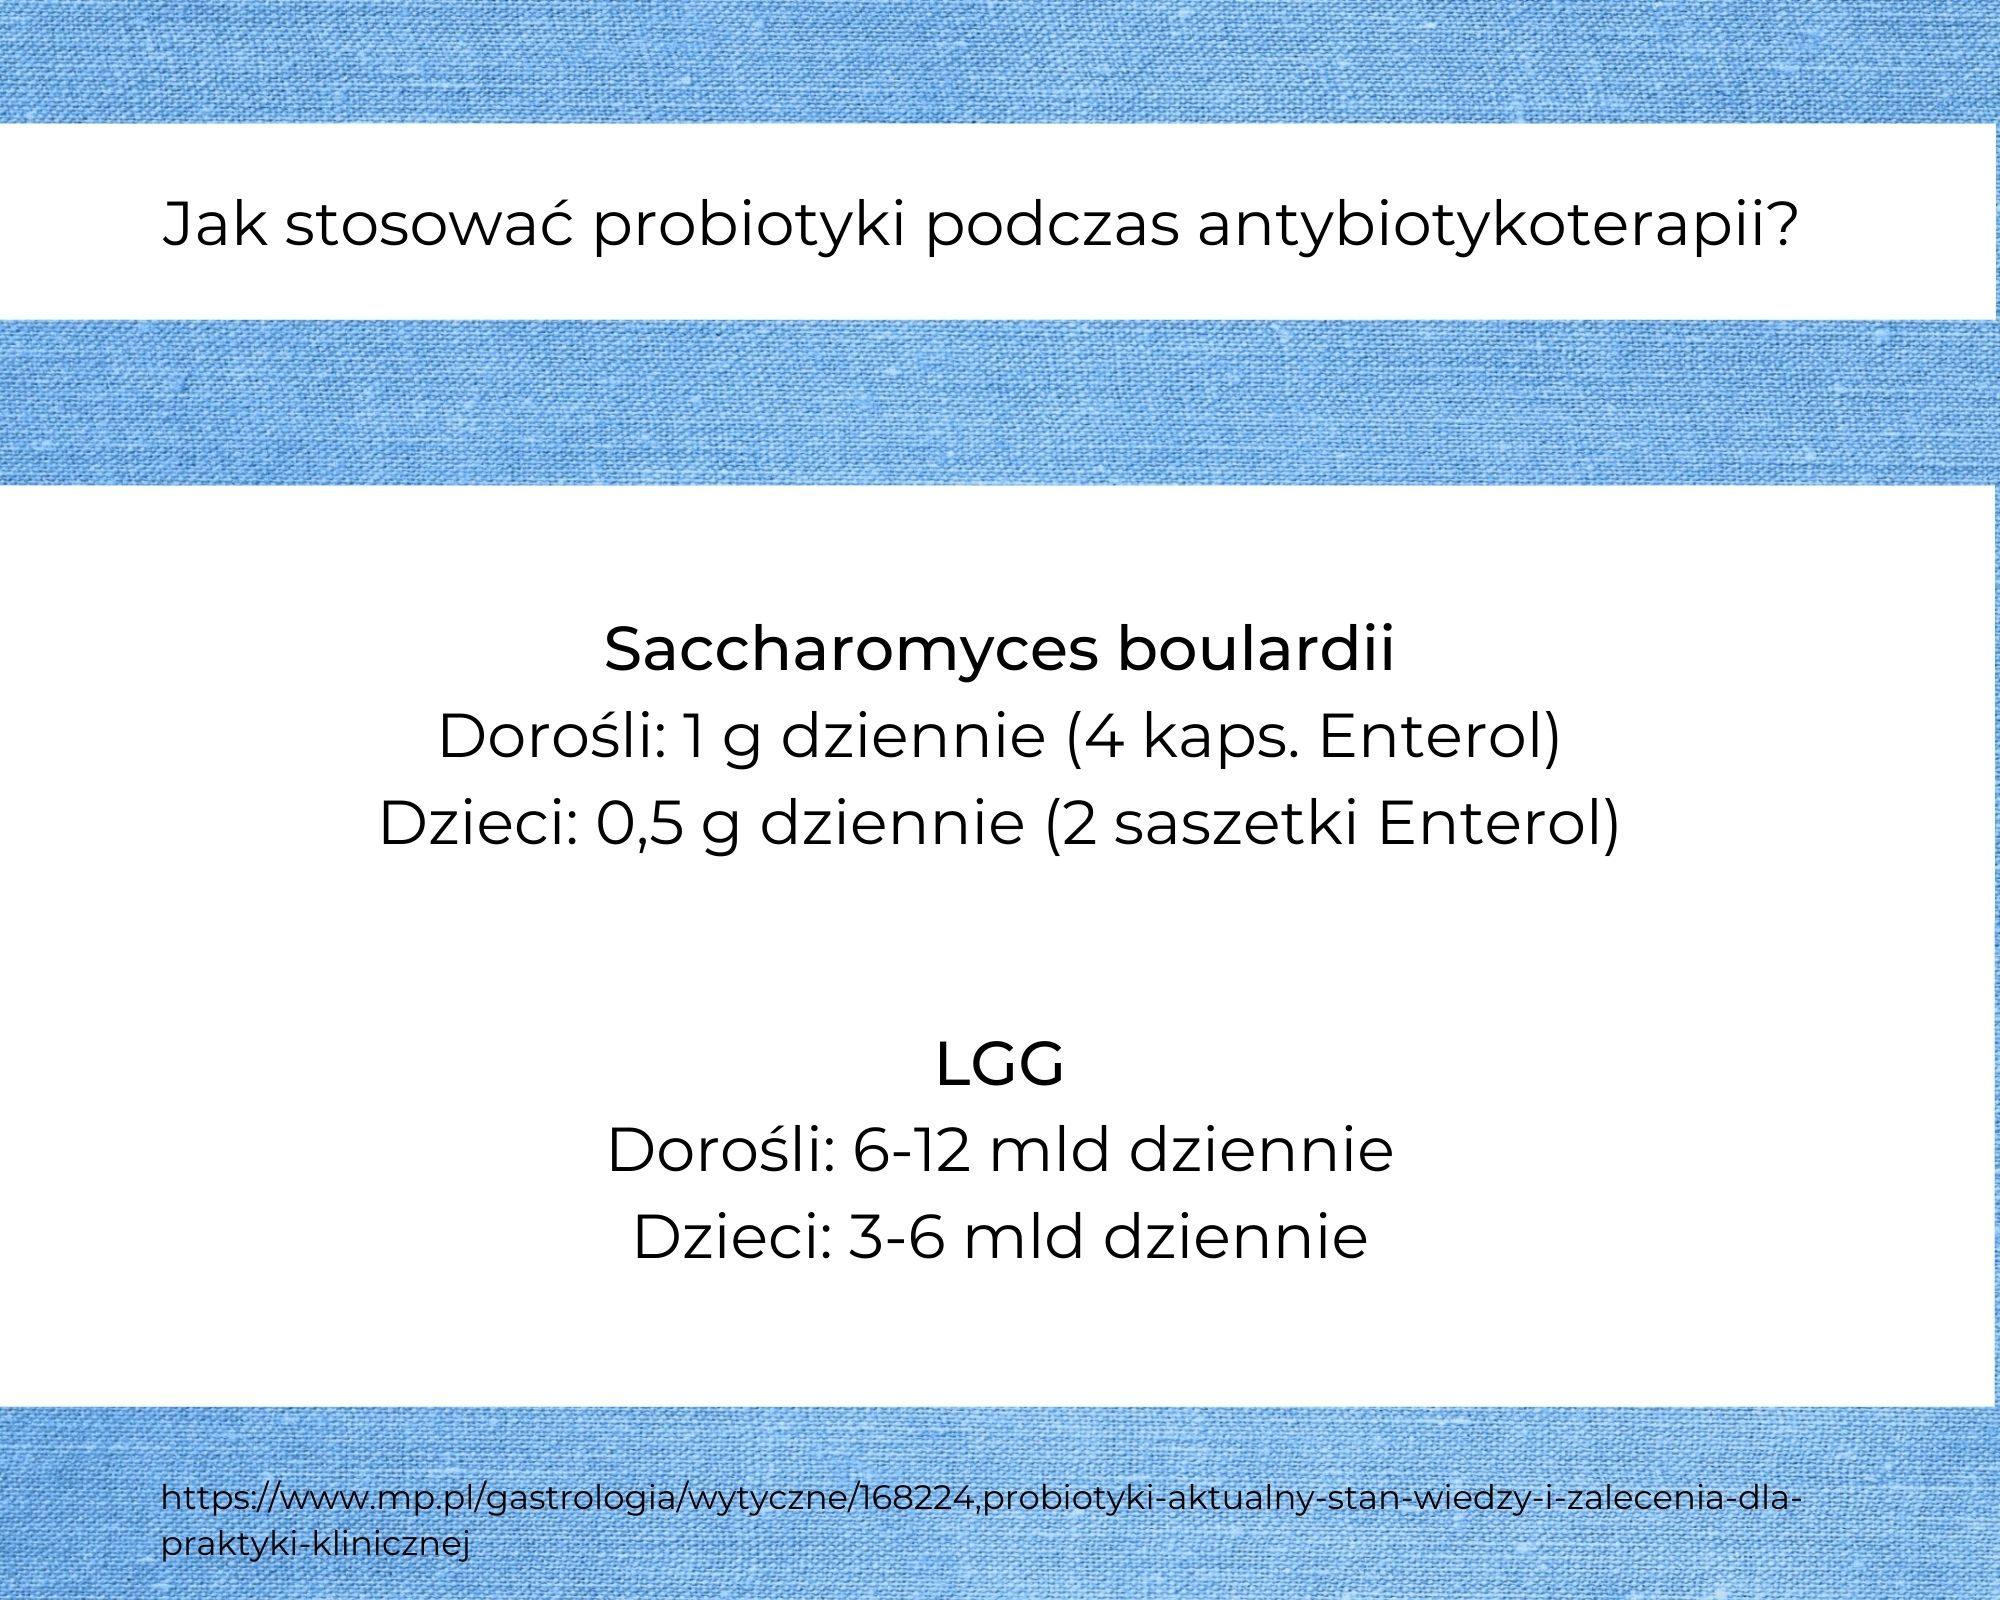 probiotyki do antybiotyku